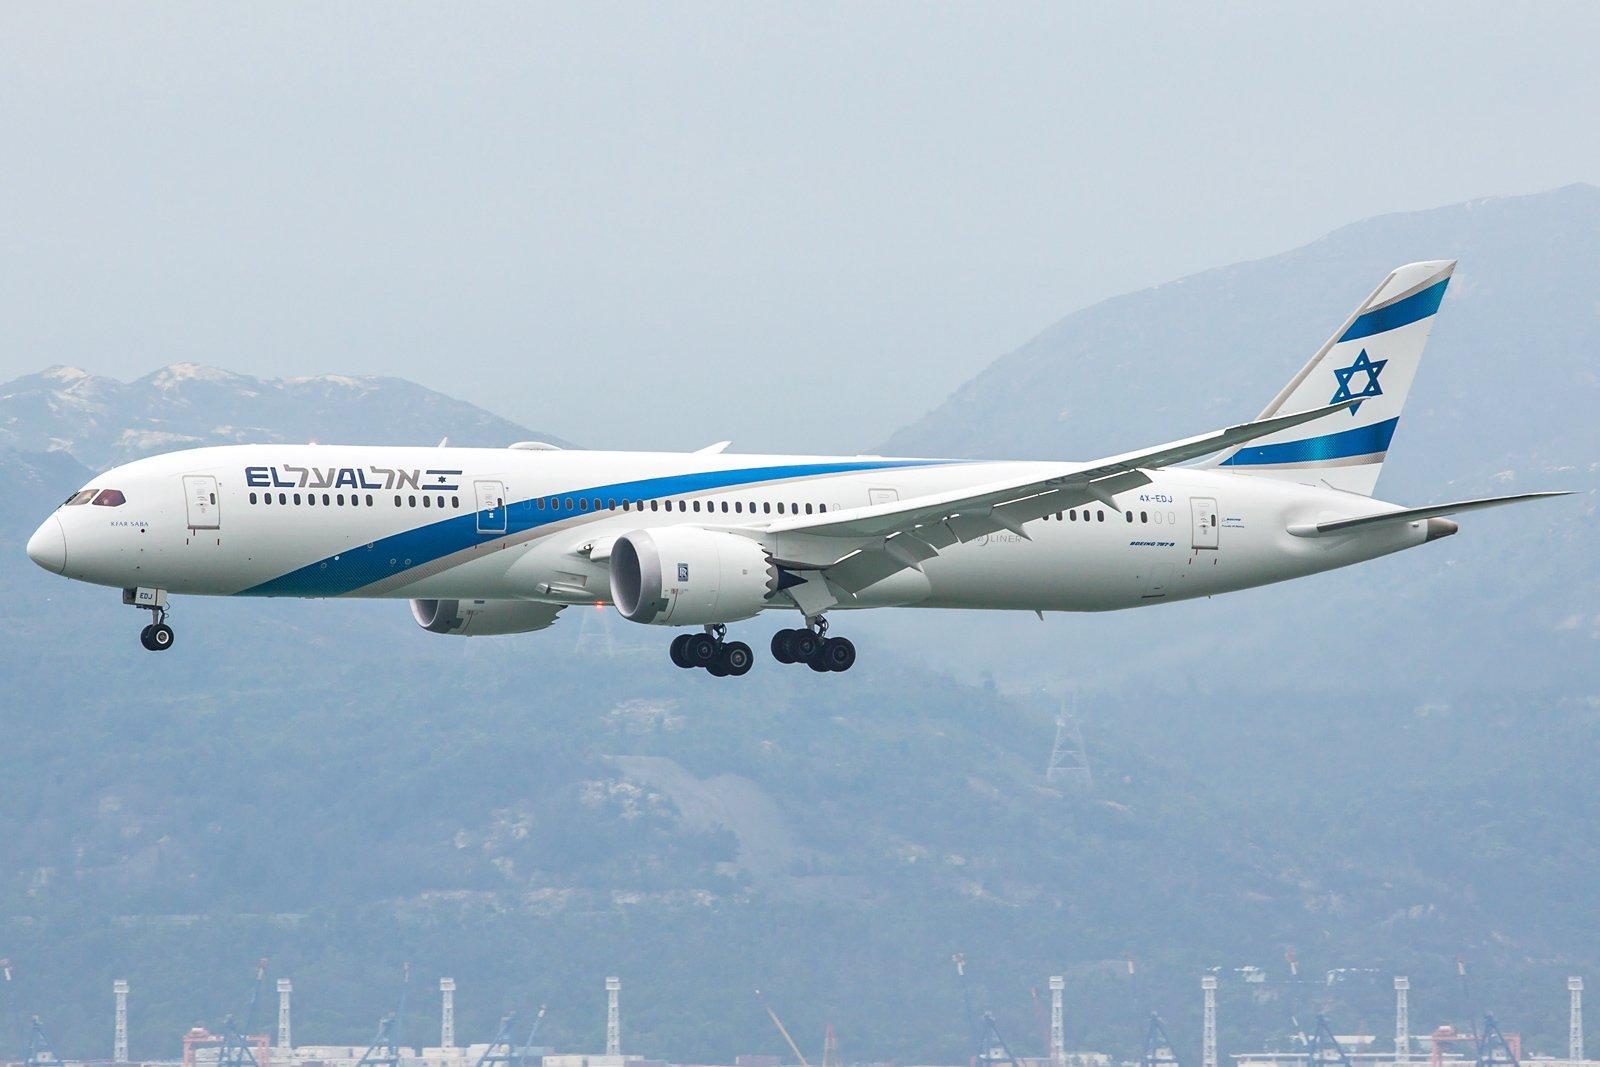 El Al Israel Airlines Boeing 787-9 Dreamliner 4X-EDJ